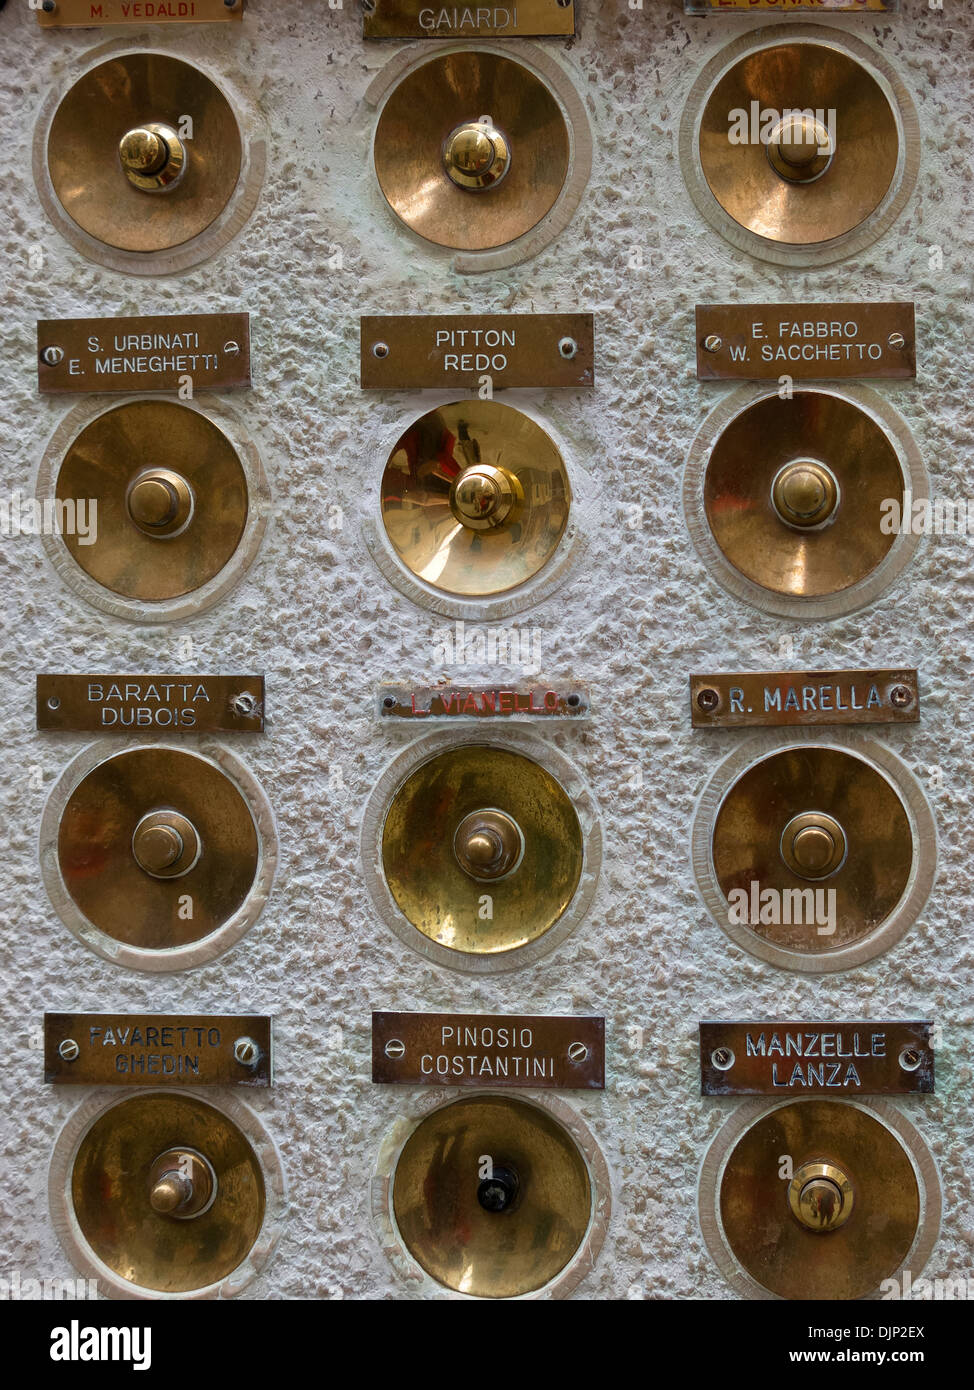 Décoratifs ornés d'cloche en laiton plaques italiennes et pousse, Venise, Italie. Banque D'Images